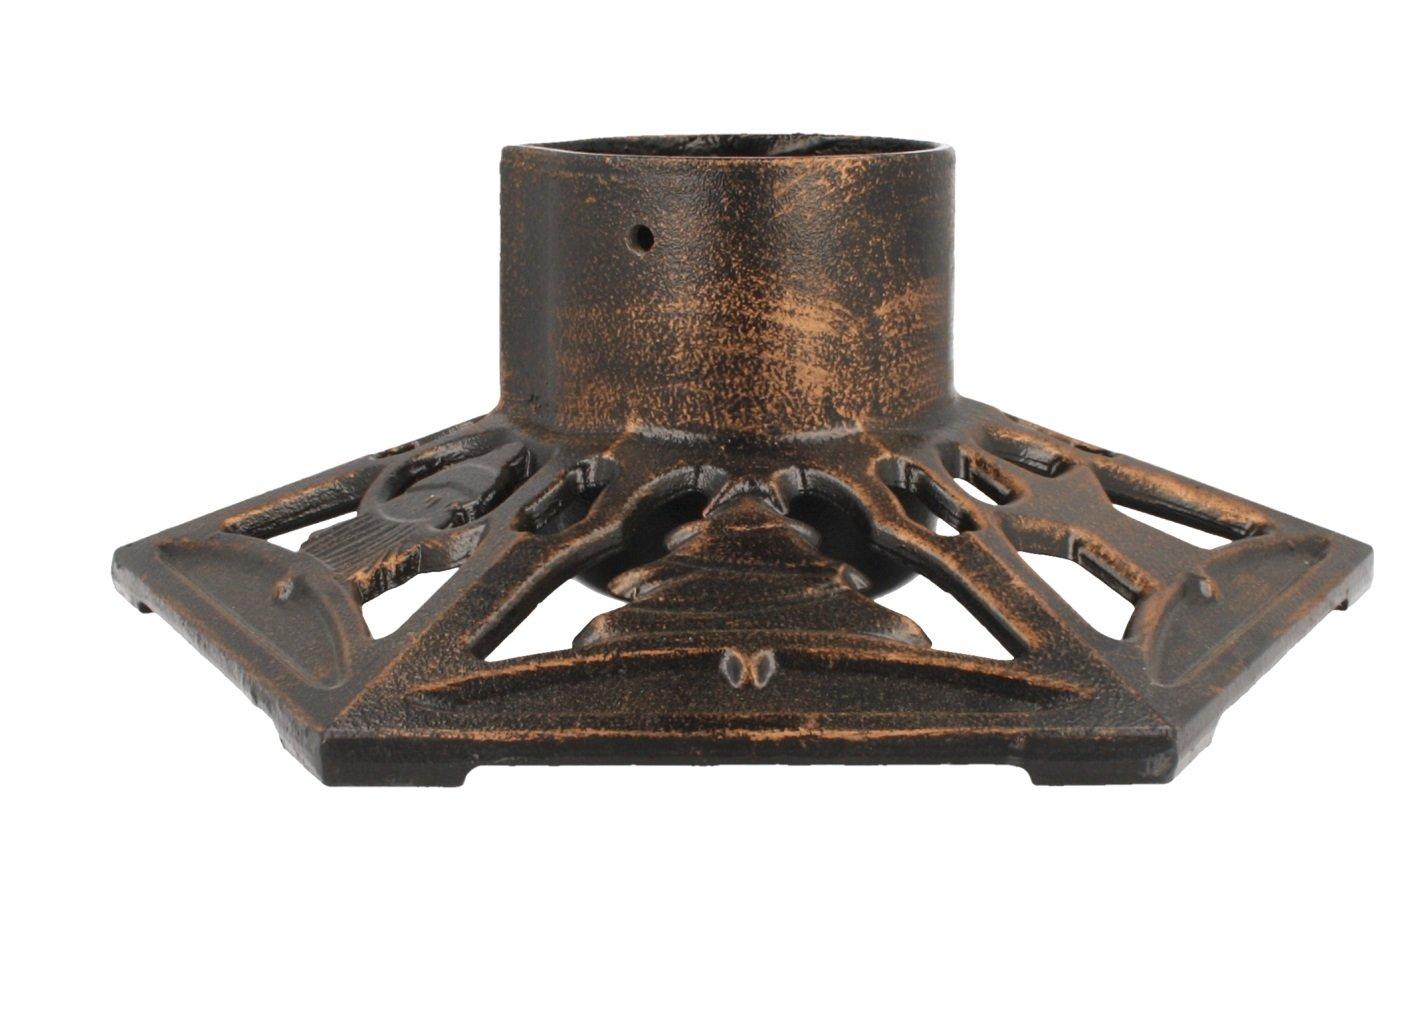 Christbaumstnder-Gusseisen-9525-bronze